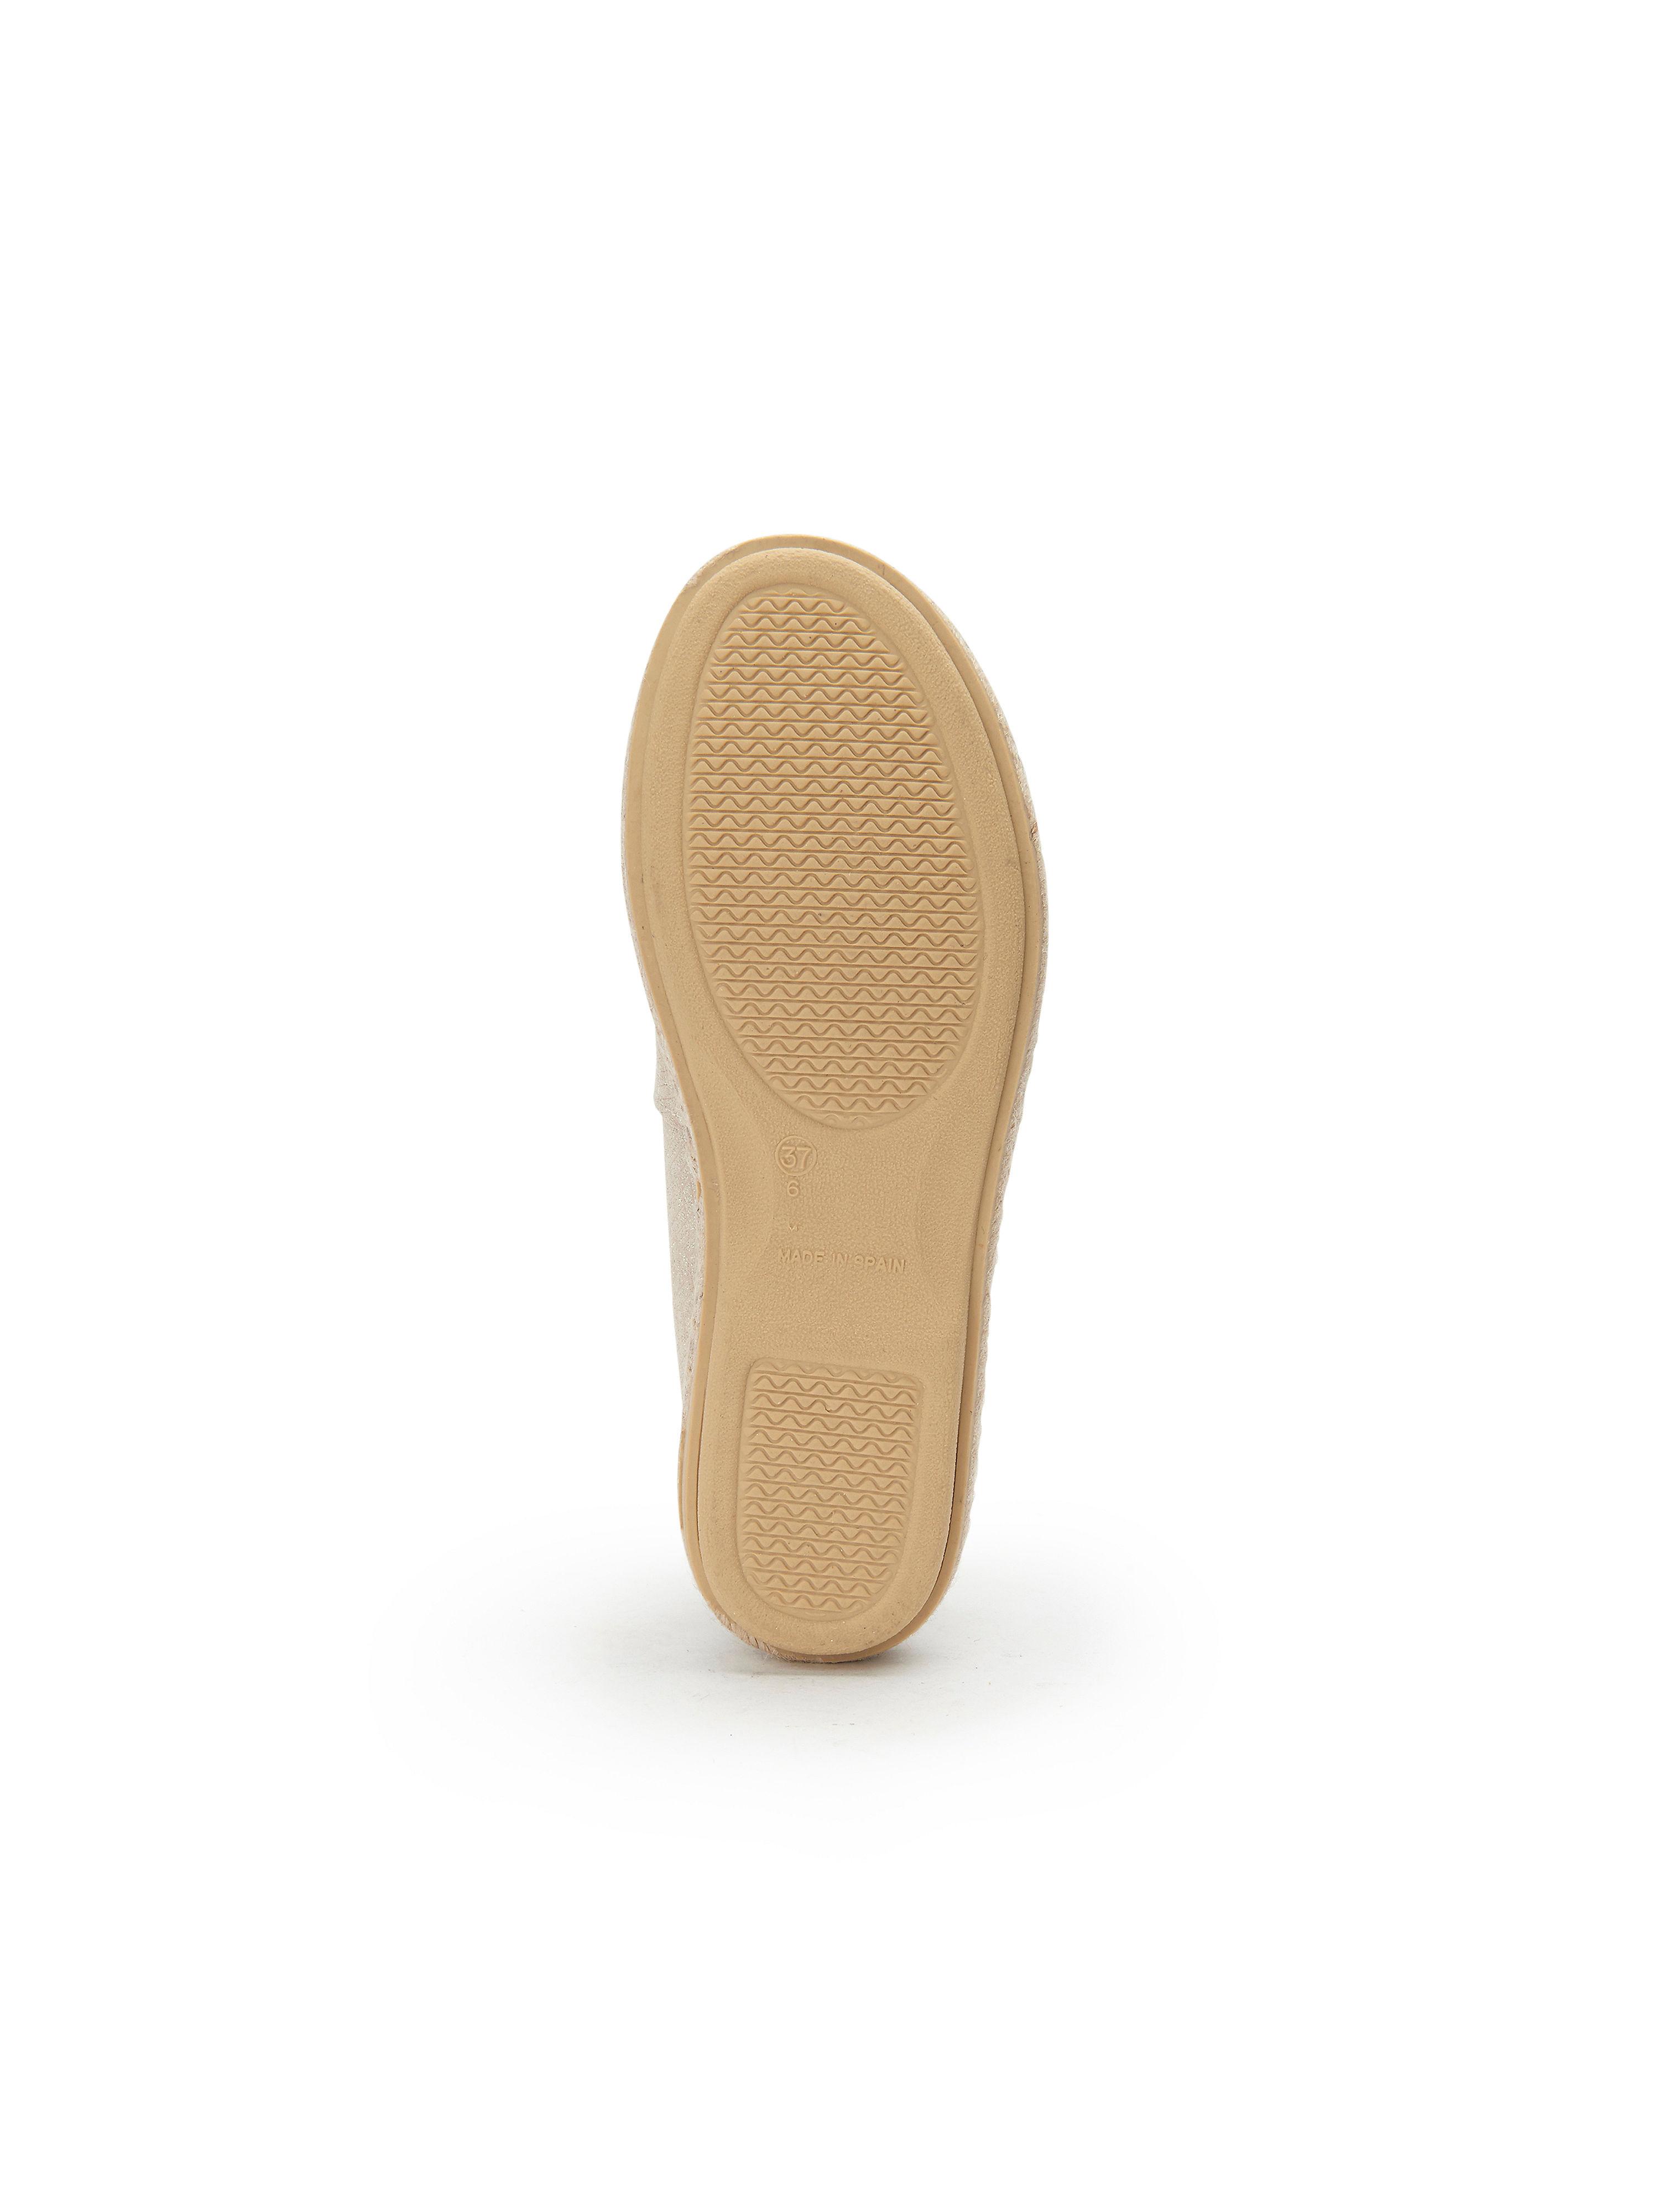 THIES - - Hausschuh aus 100% Leder - - Ecru-Metallic Gute Qualität beliebte Schuhe f8f3d3